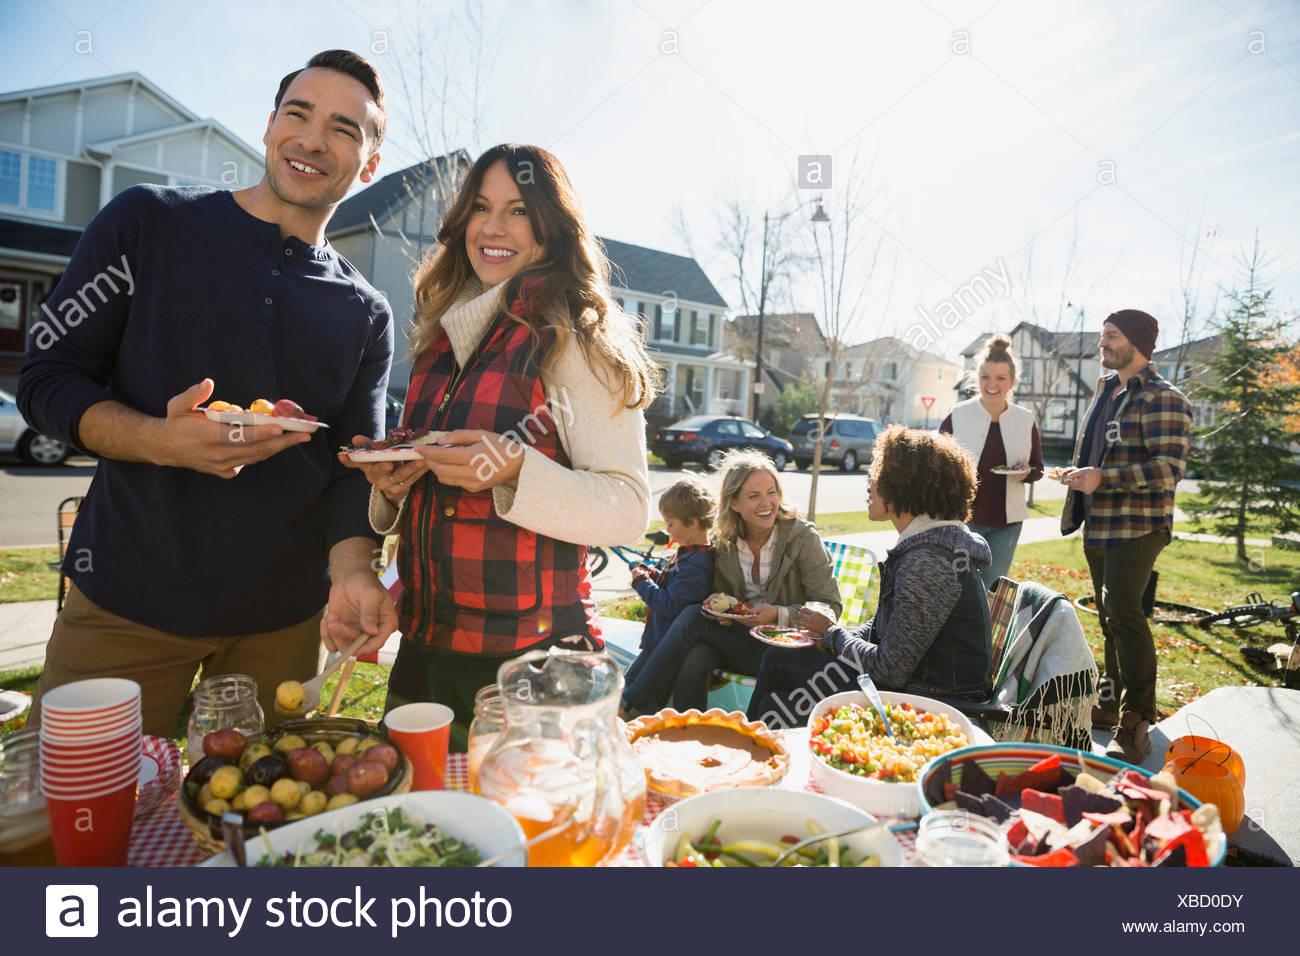 Neighbors enjoying potluck in sunny front yard - Stock Image